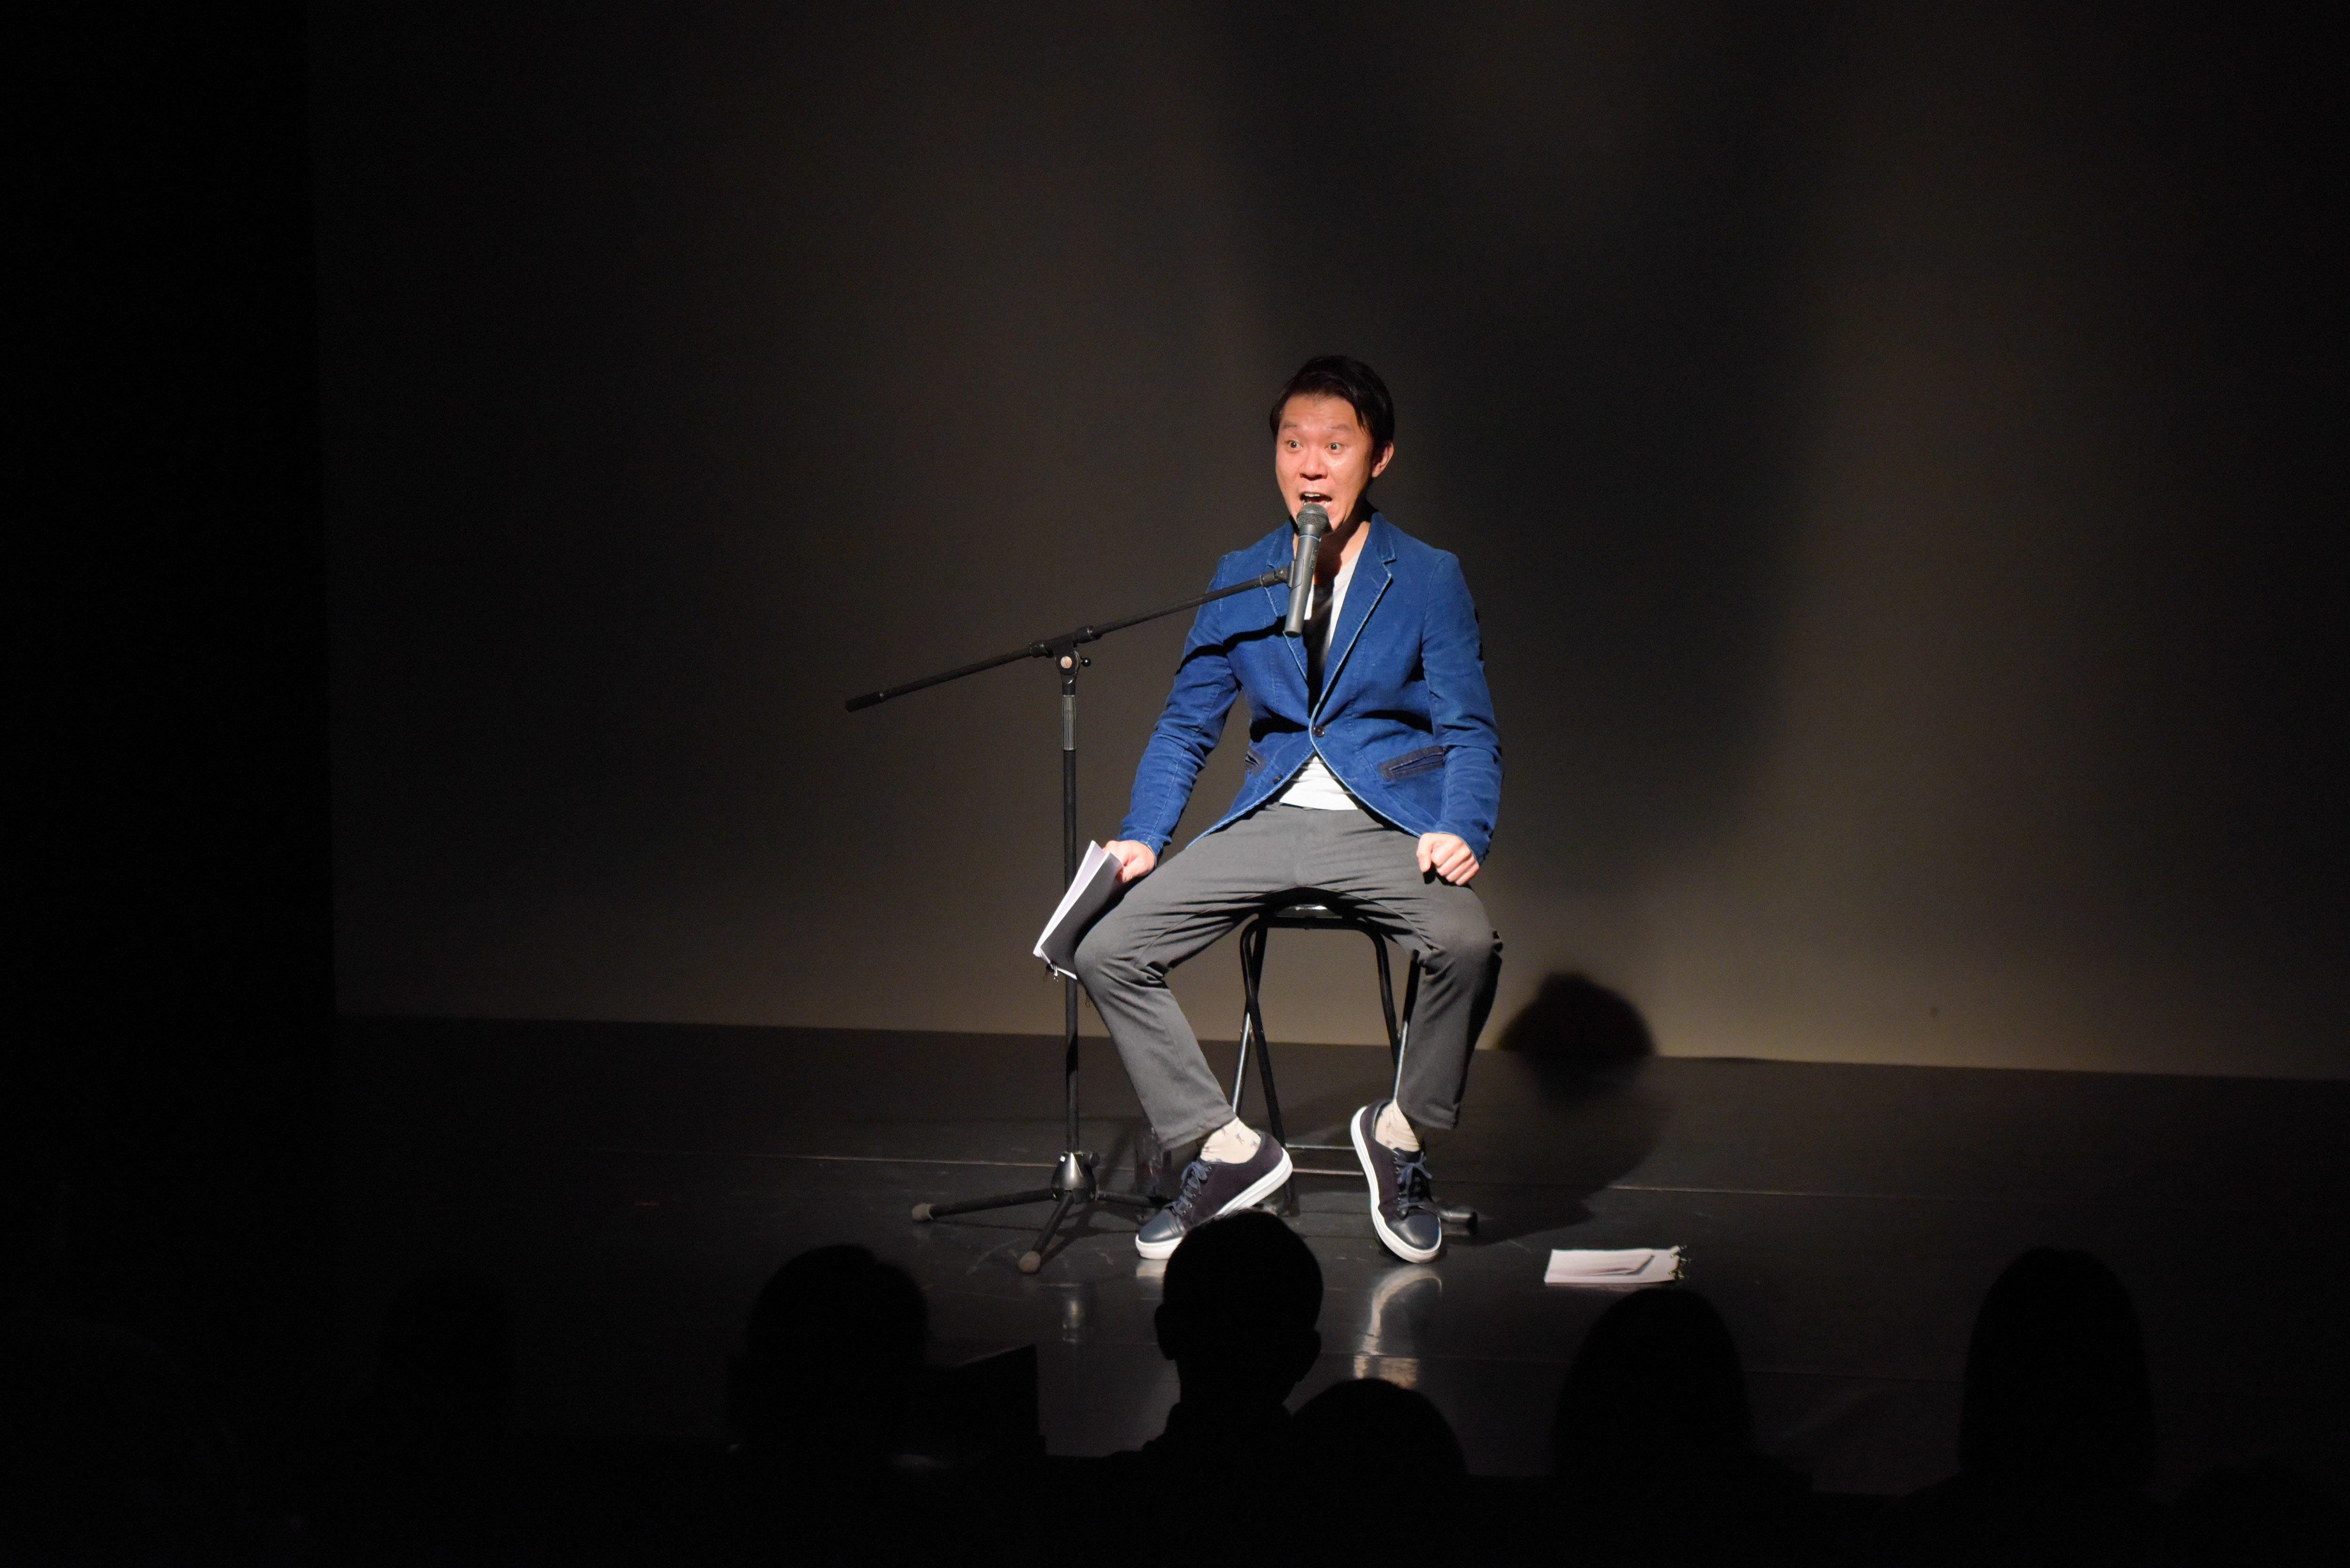 http://news.yoshimoto.co.jp/20190101121007-ed5df5601da113a8682a4ac7d00a6fdba2c48da0.jpg